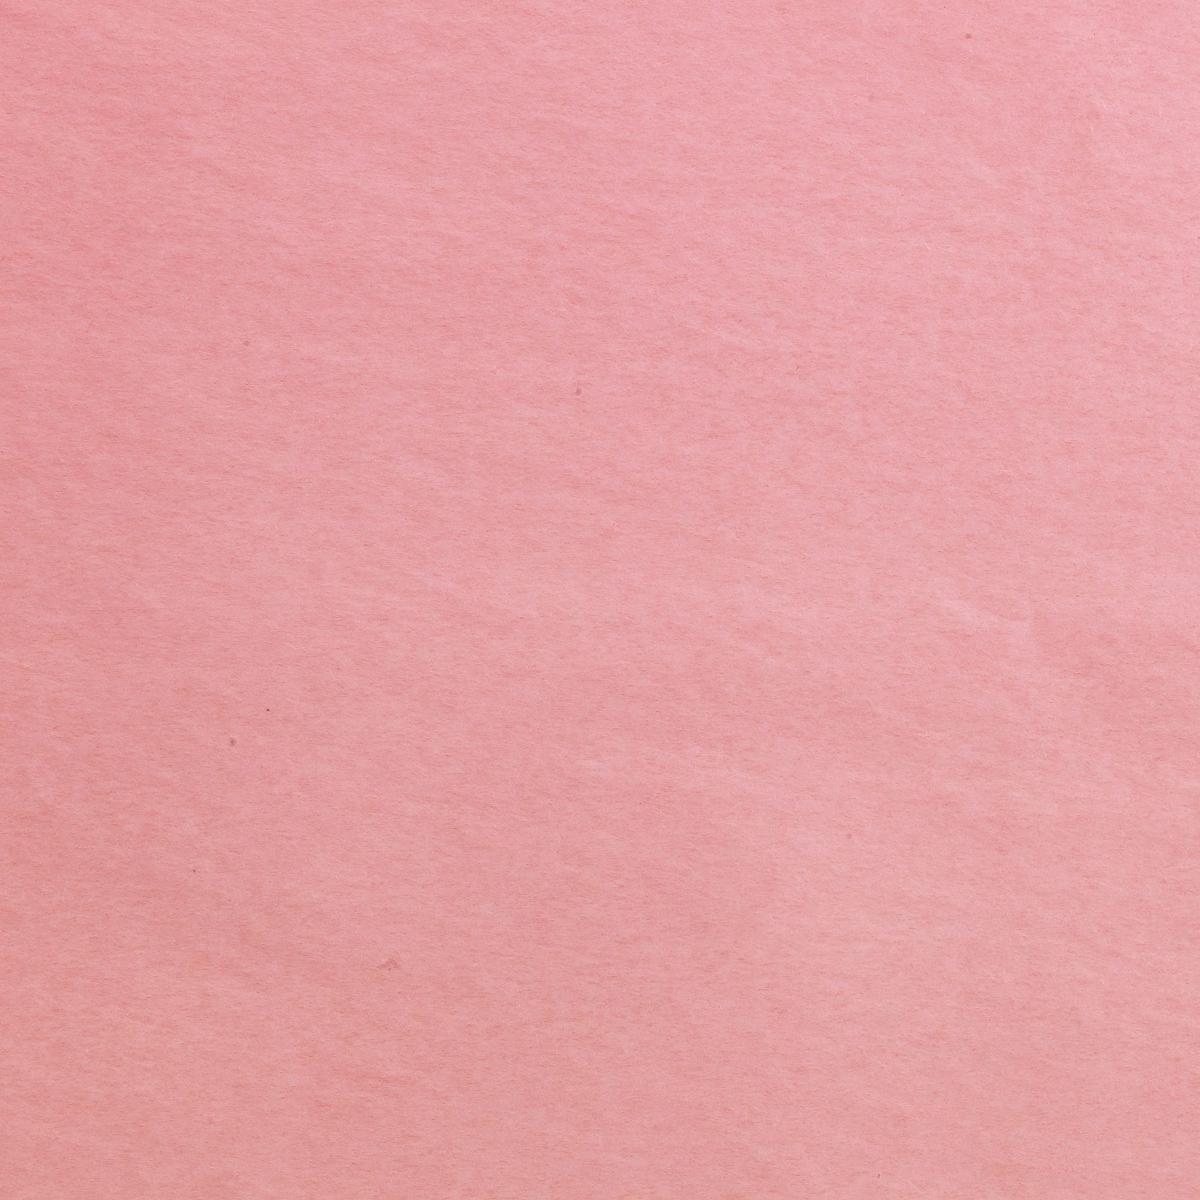 rosa escort knull sidor